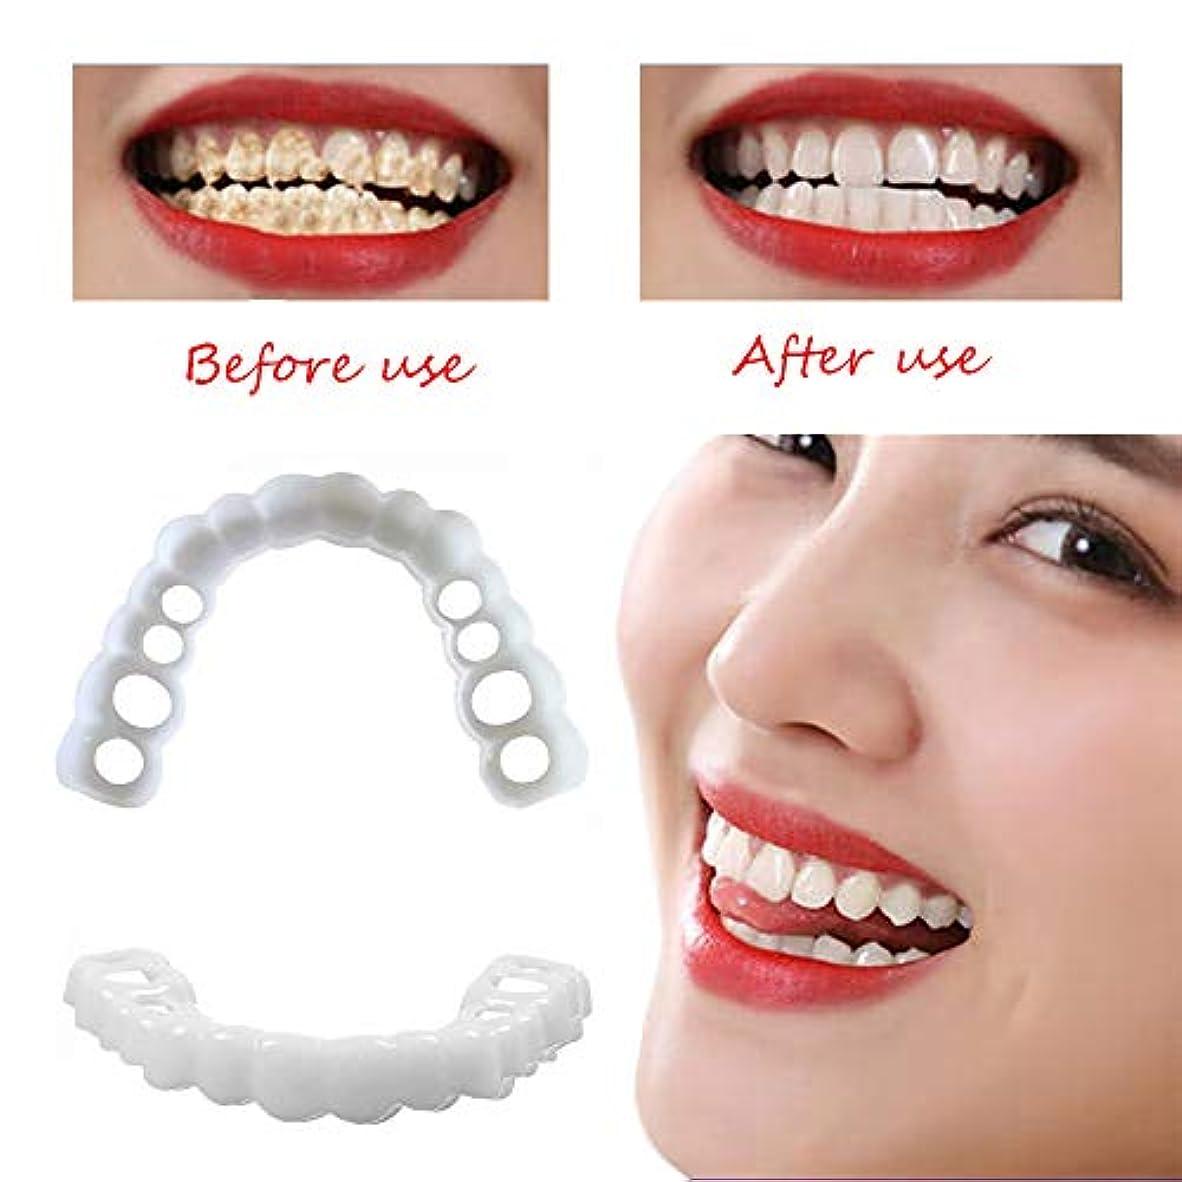 欲求不満確認してください専門化する歯の入れ歯歯の化粧品一時的な笑顔の快適フィット化粧品の歯の入れ歯(4ペア、白),10Pairs